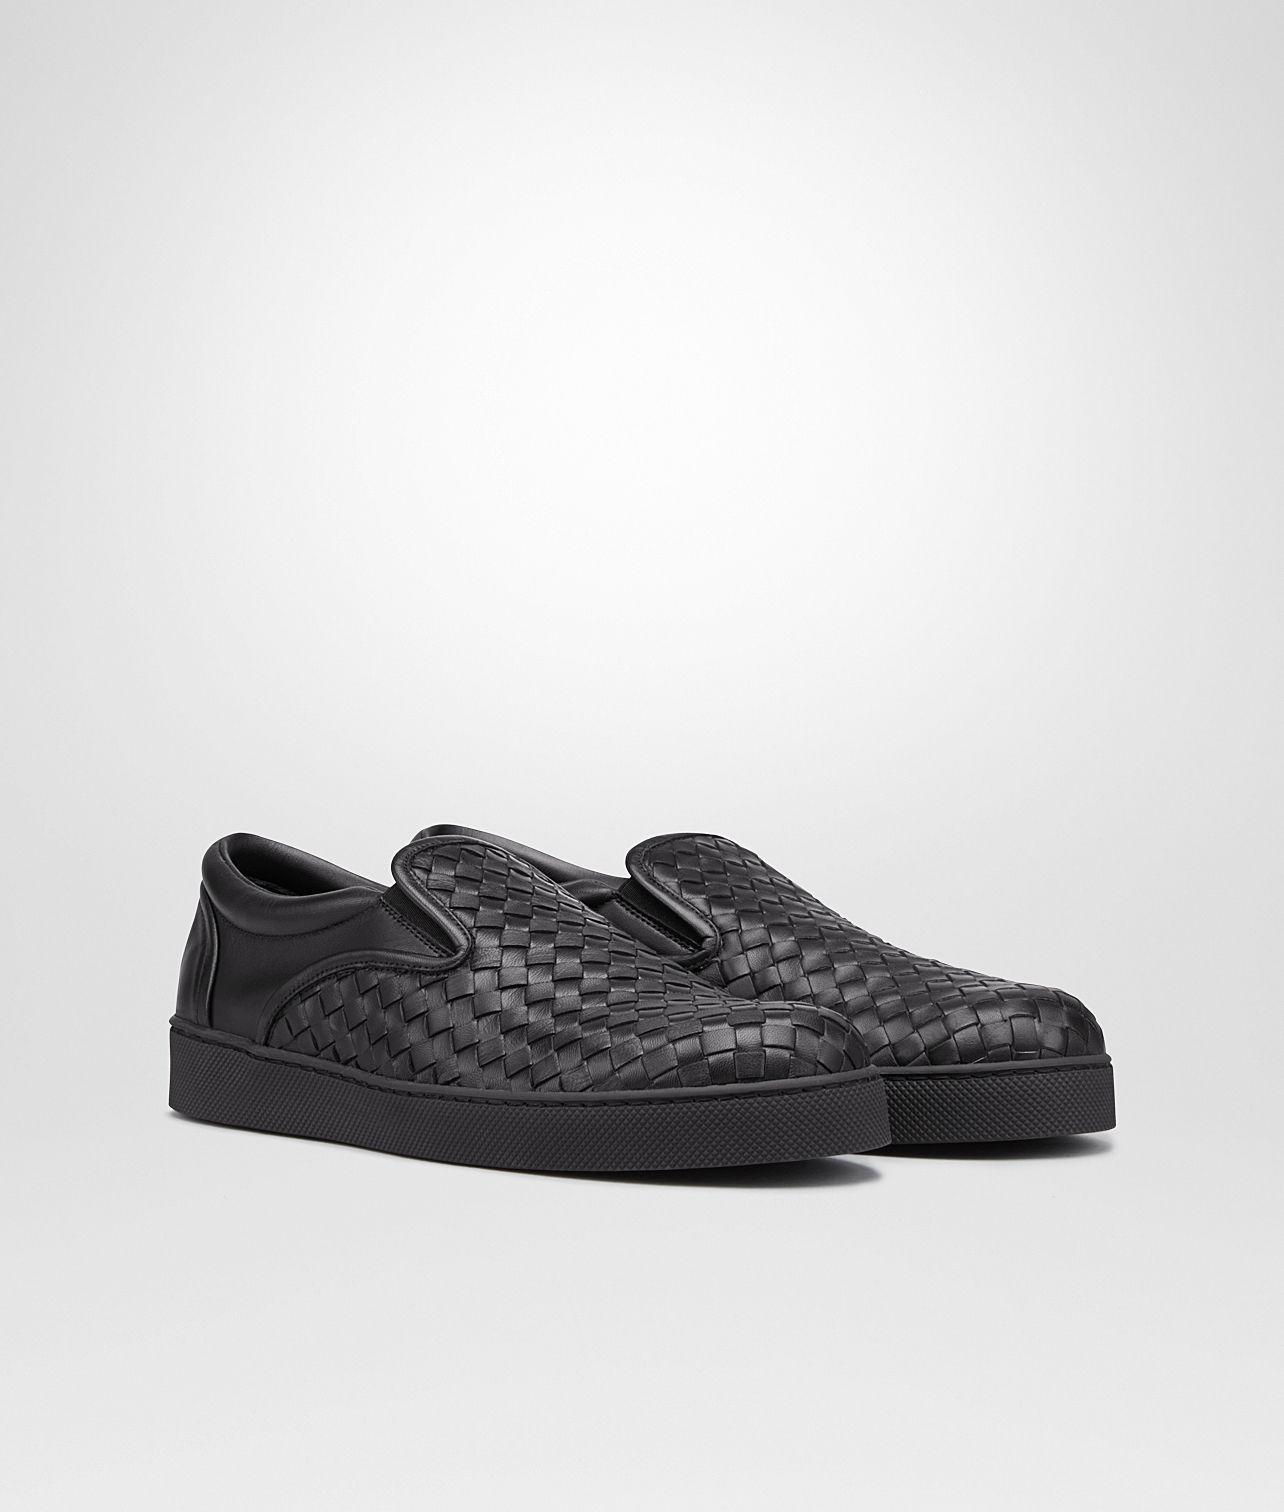 nero Intrecciato nappa sneaker - Black Bottega Veneta trXwP0